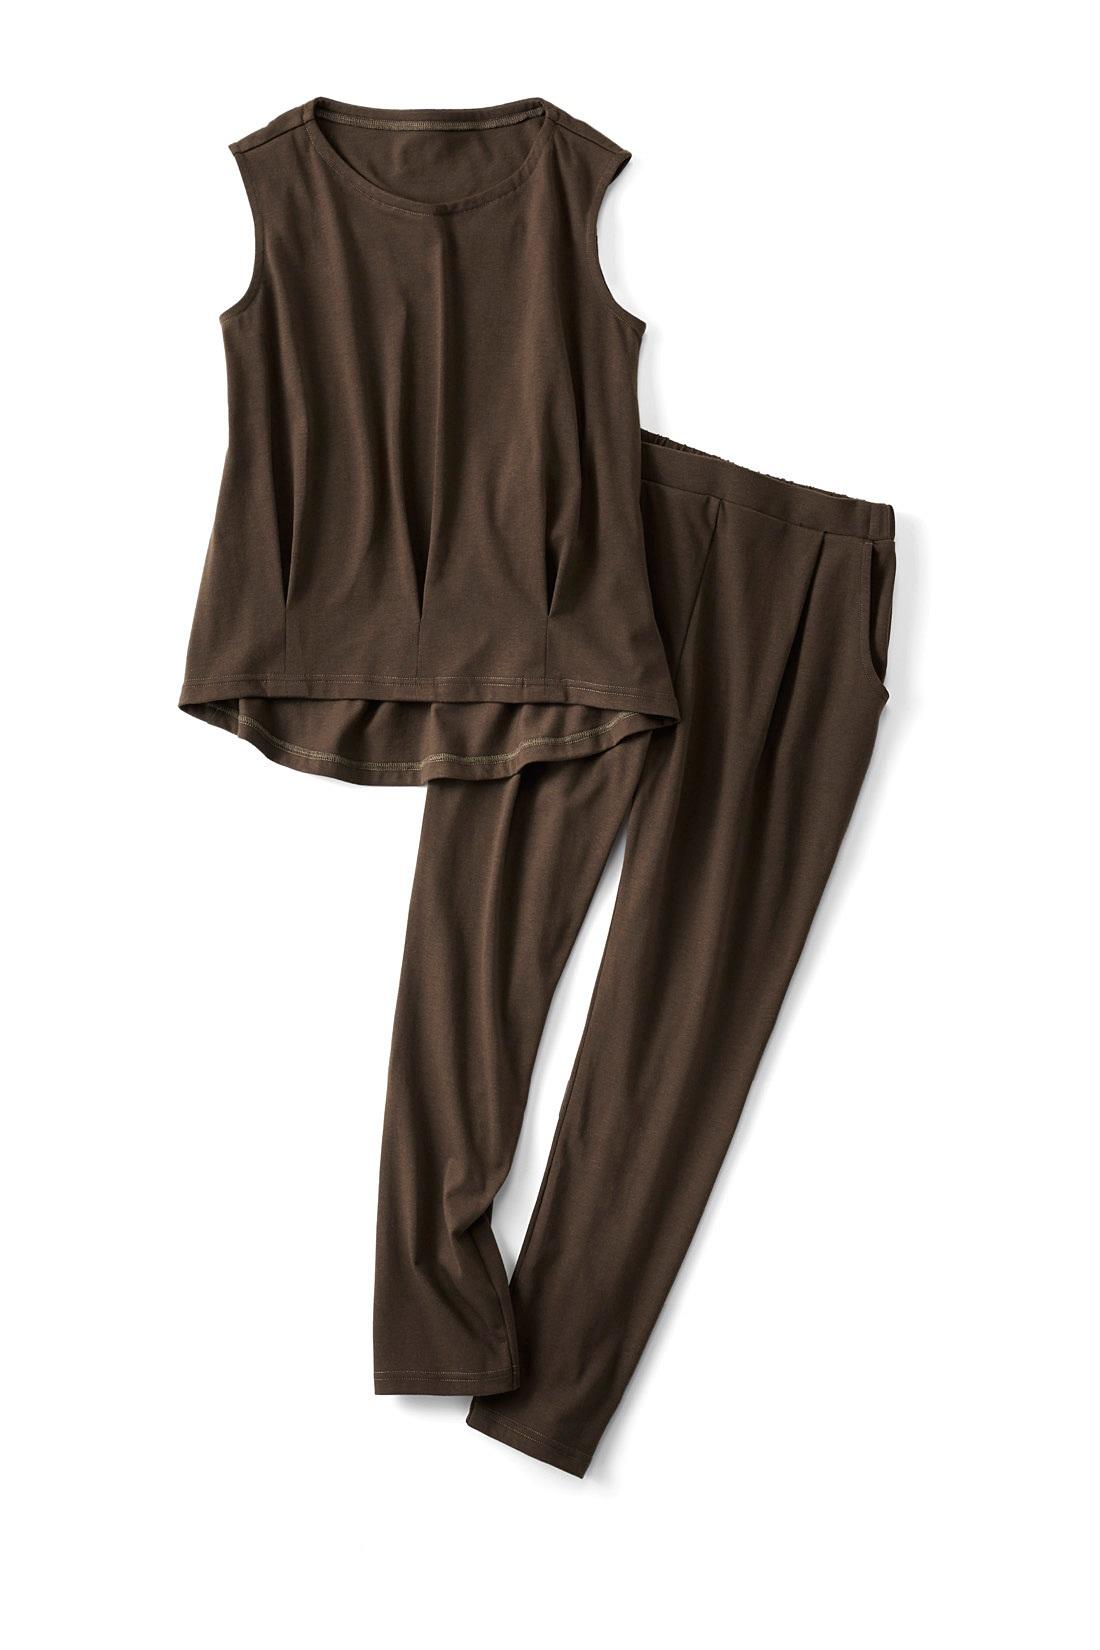 〈オリーブカーキ〉ノースリーブの幅を広めにし、一枚での着やすさも◎。